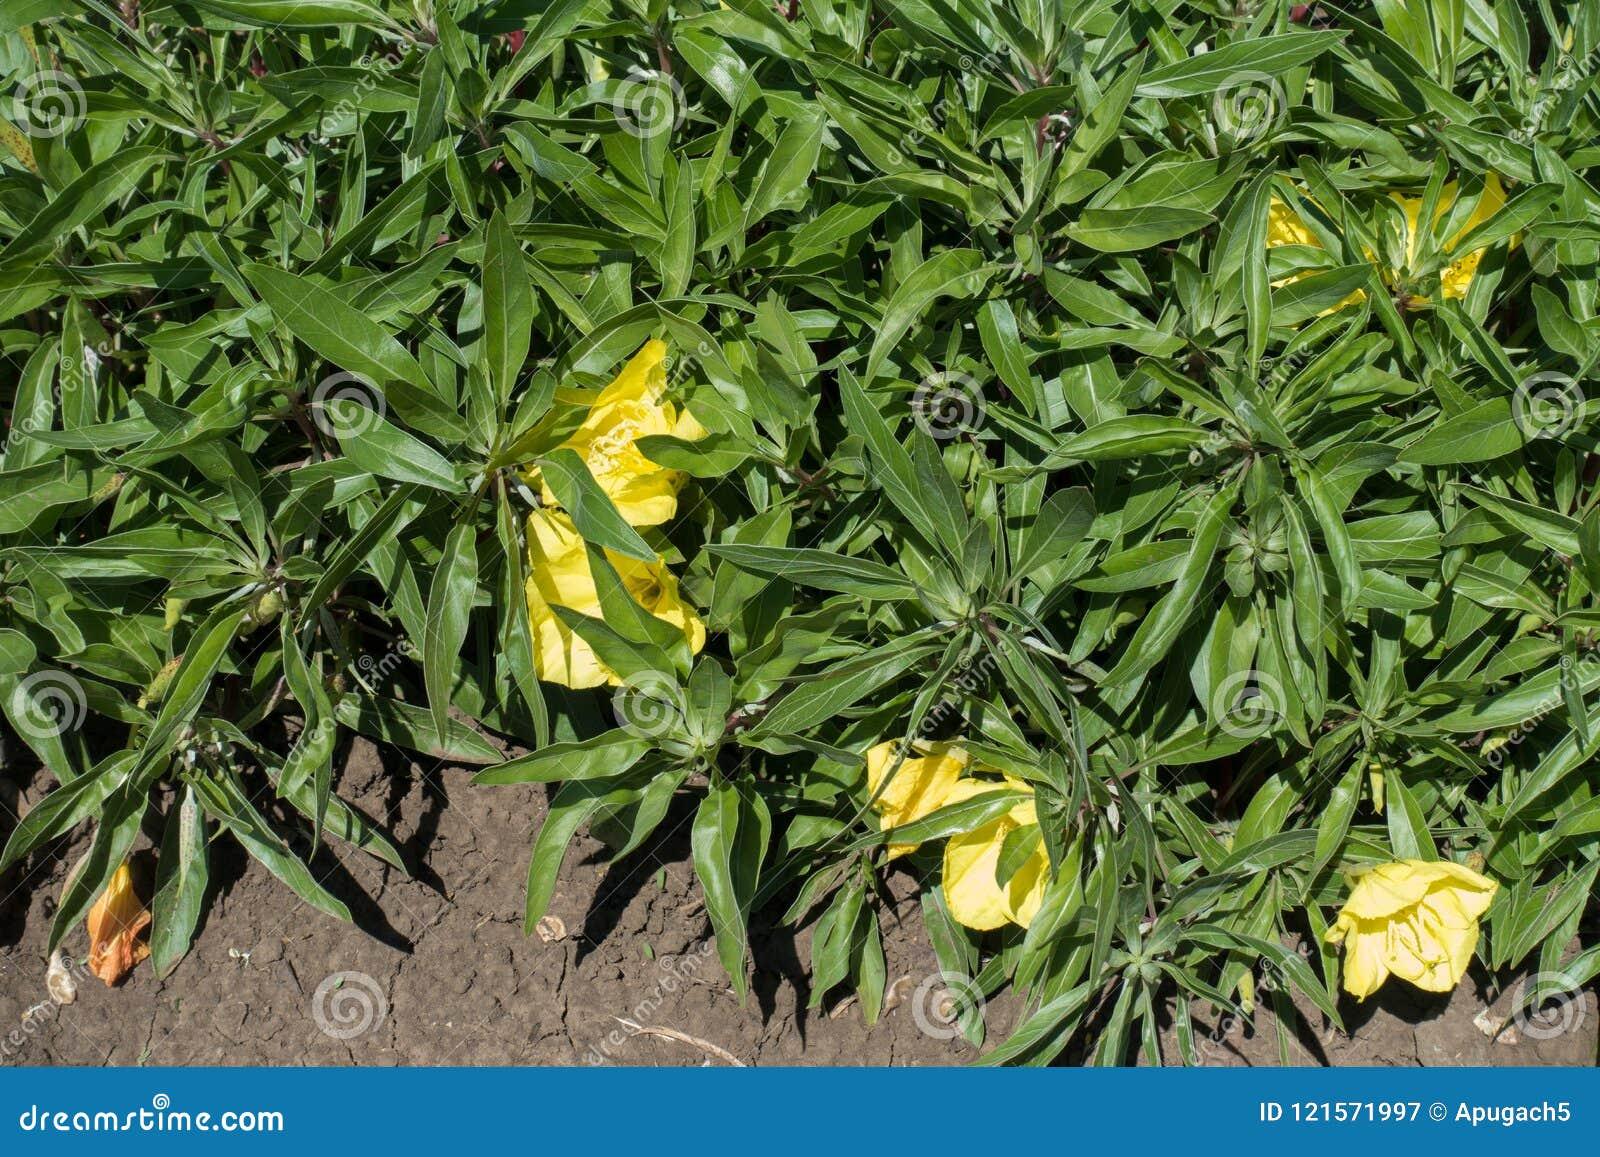 密苏里晚樱草大宽杯形的淡黄色花